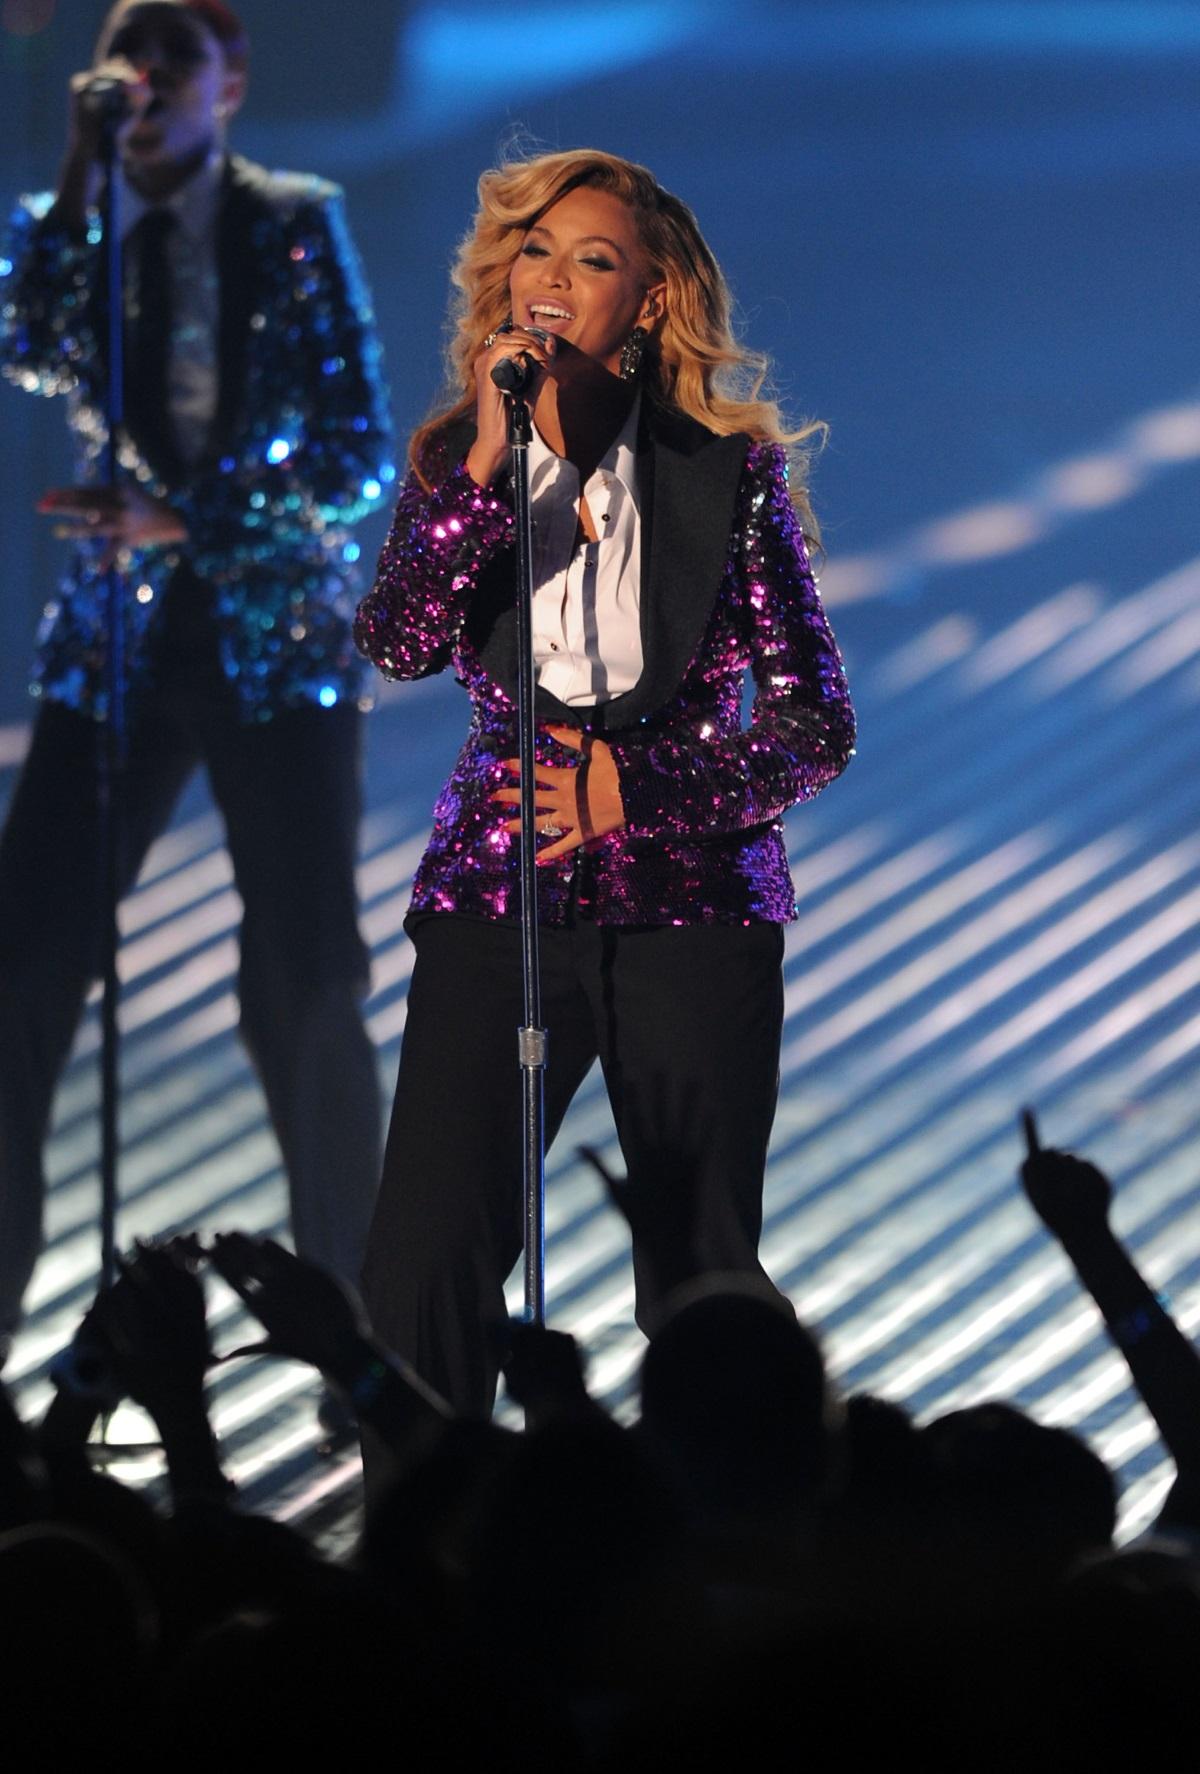 Бионсе, 2011 г. - певицата обяви, че чака първото си дете - Блу Айви, на сцената на Музикалните видео награди.